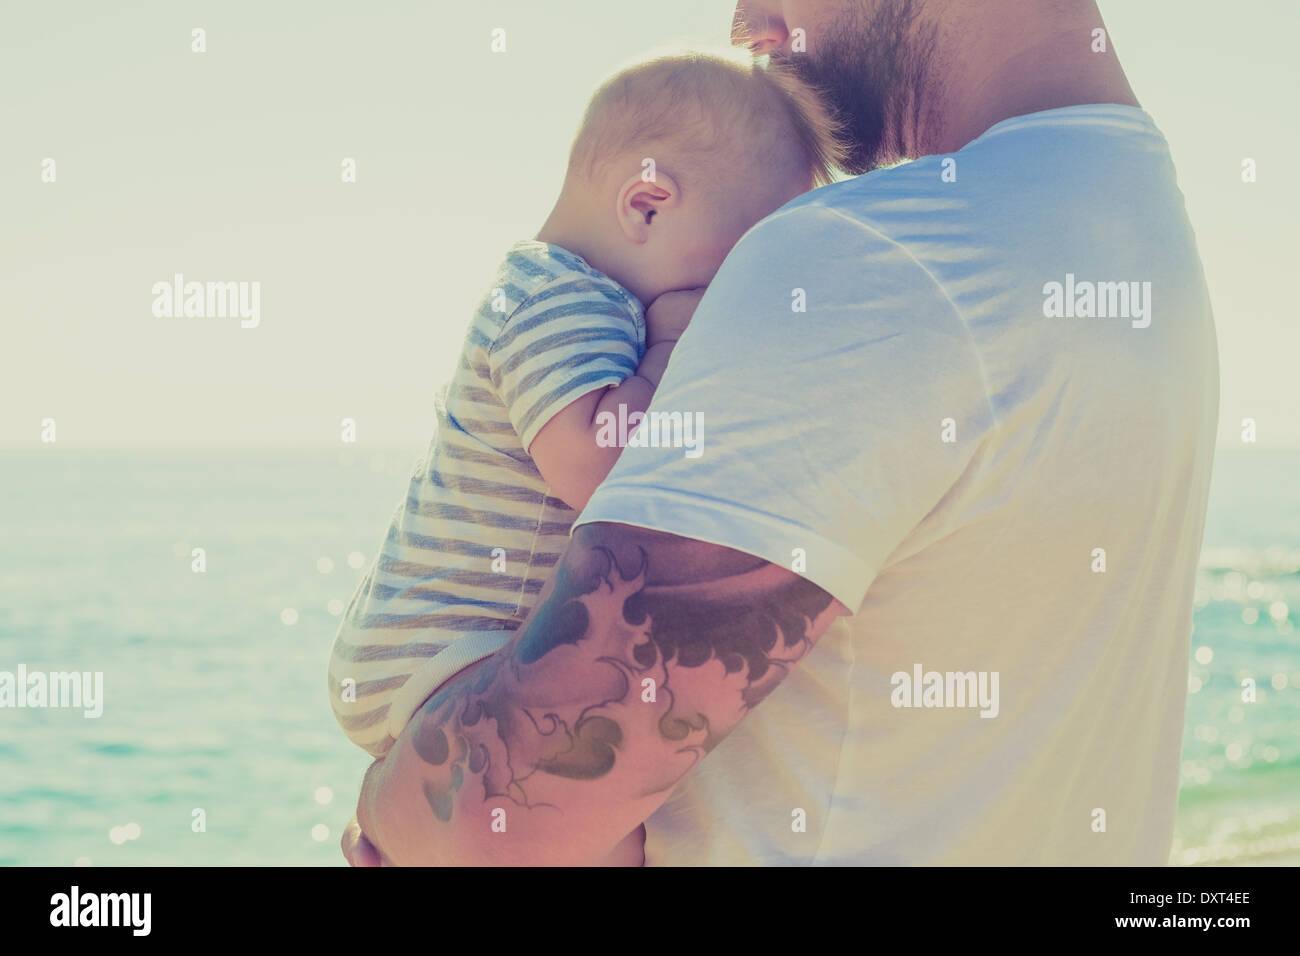 Cerca del padre la celebración de su hijo en la playa Imagen De Stock